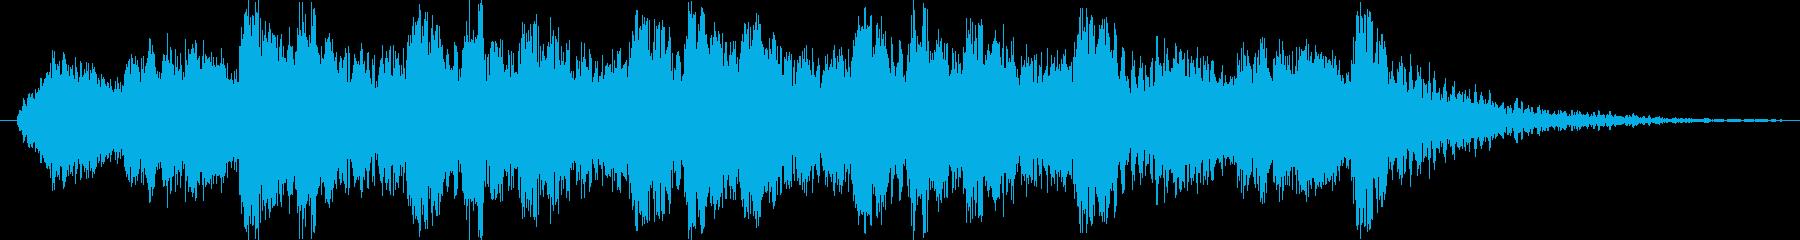 フルオーケストラの激しく壮大なロゴの再生済みの波形